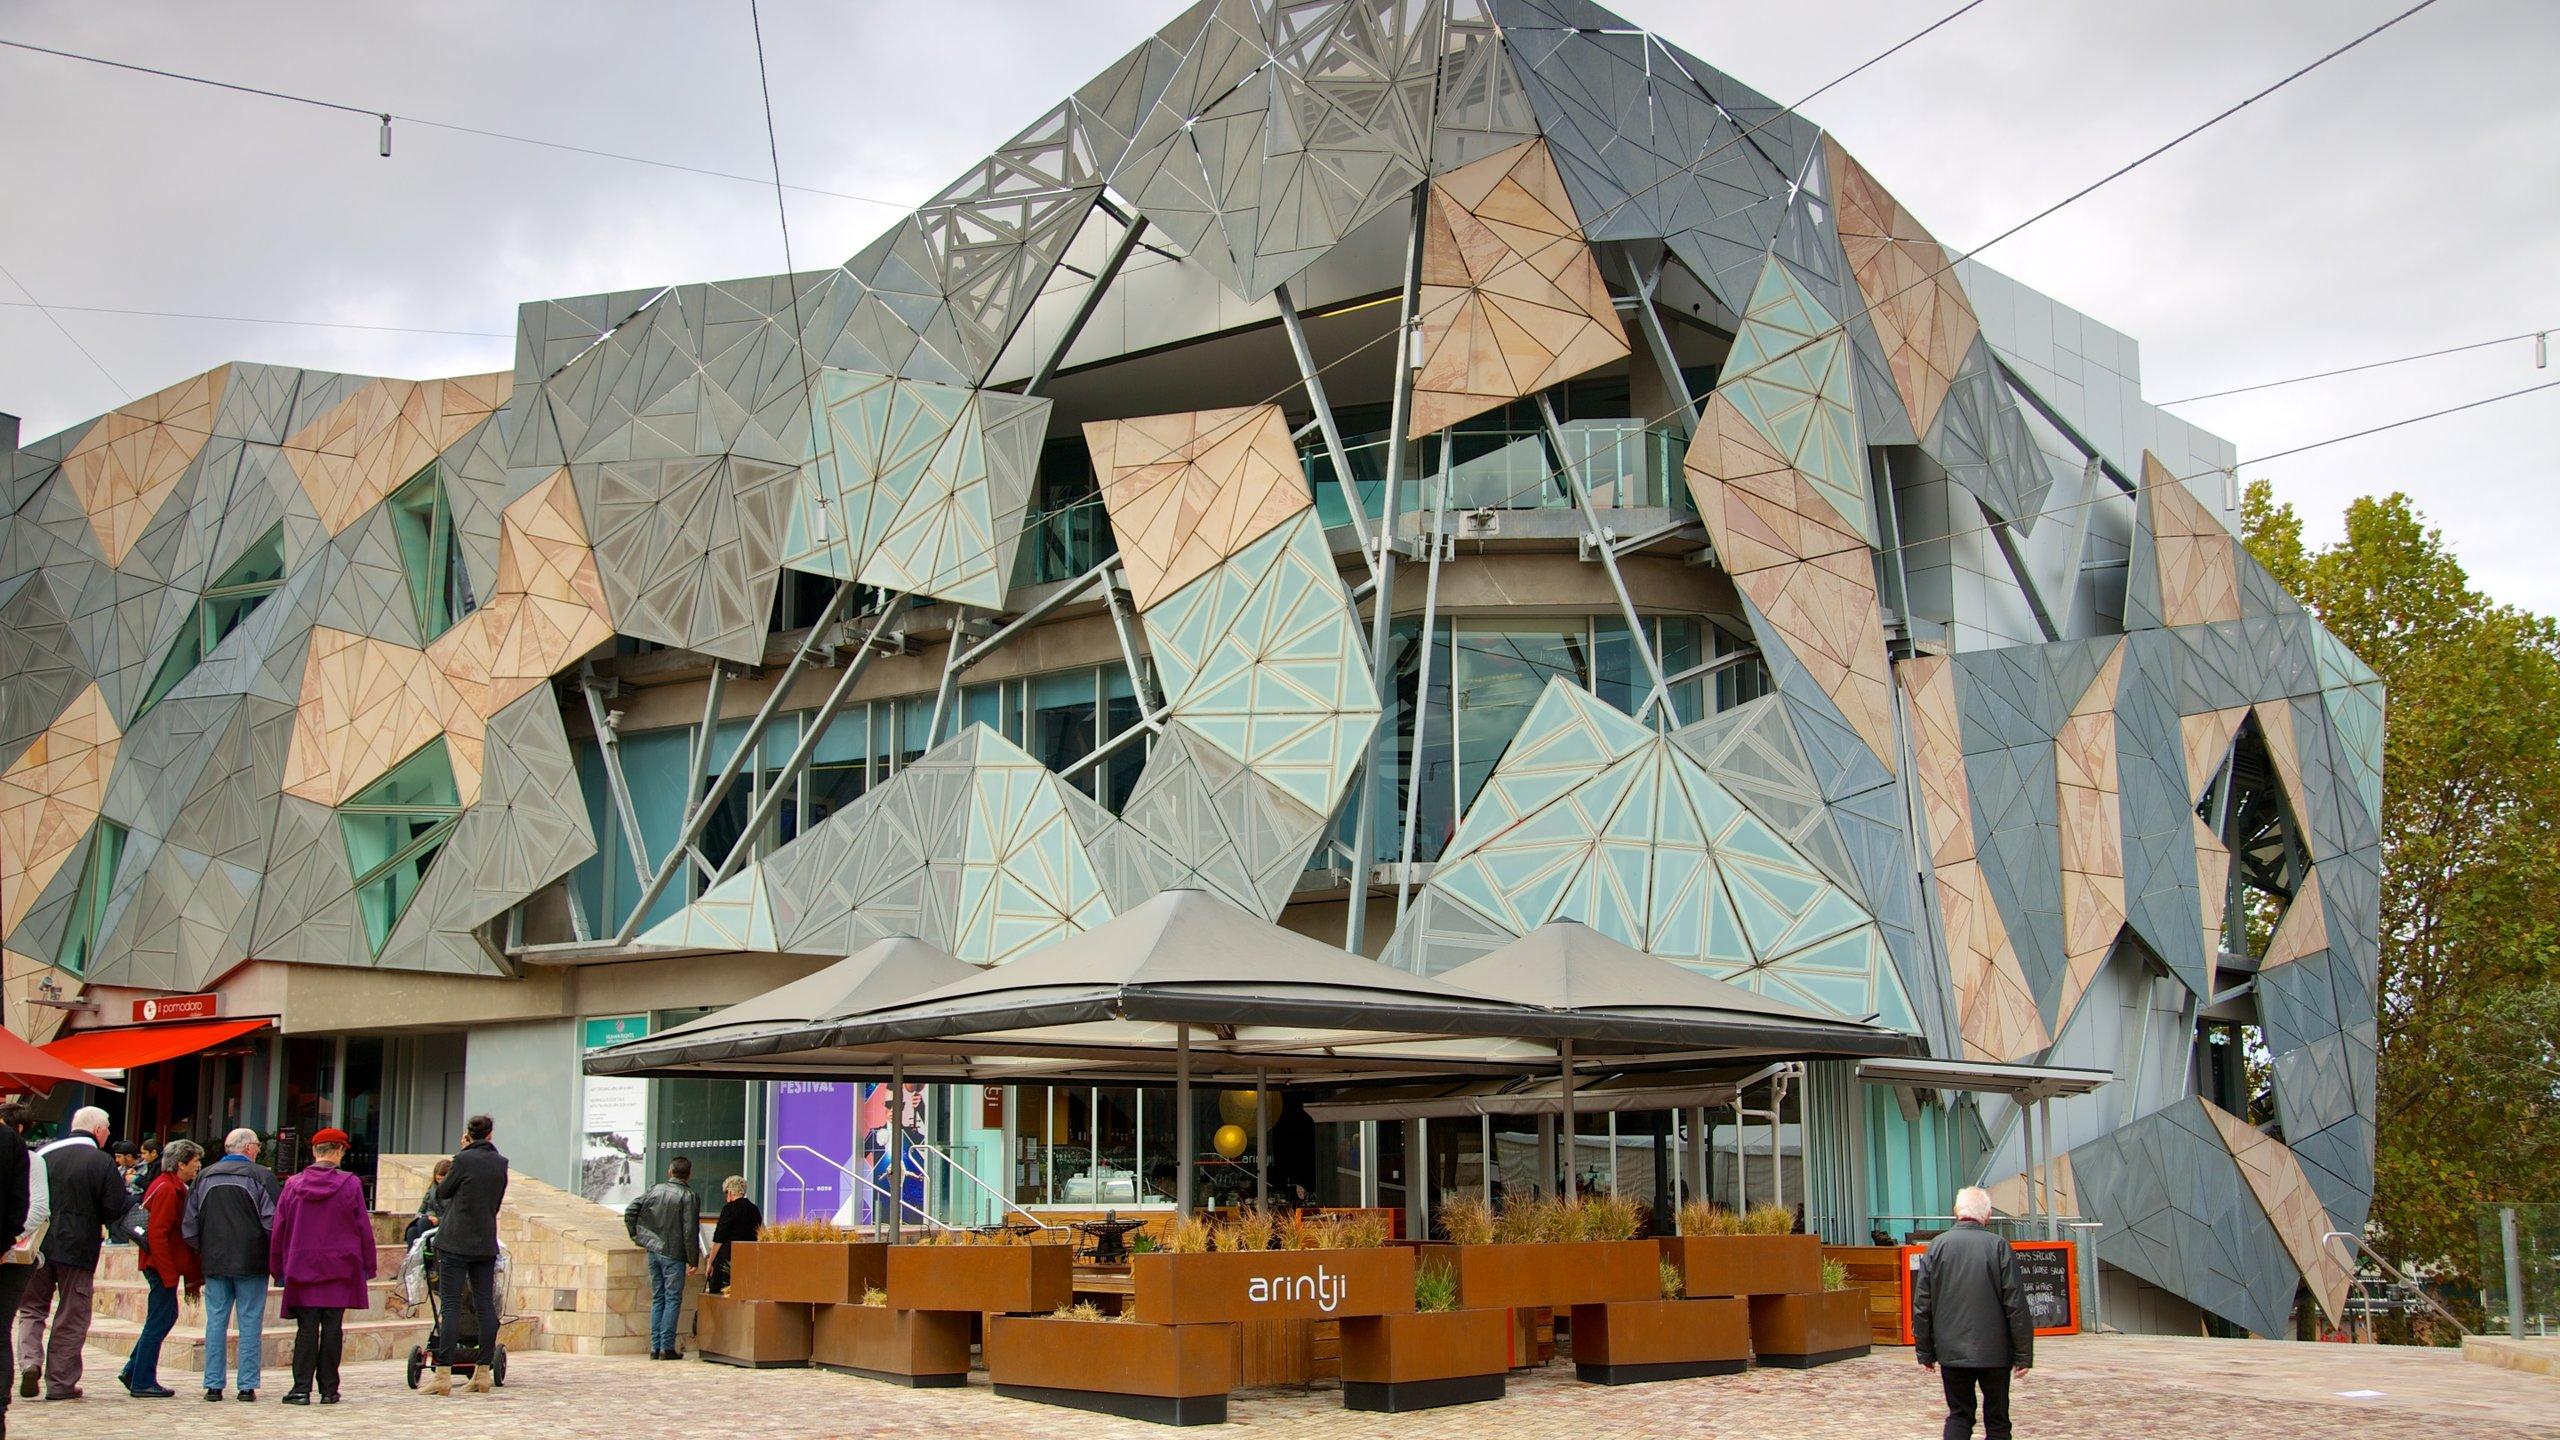 Melbourne City, Victoria, Australia